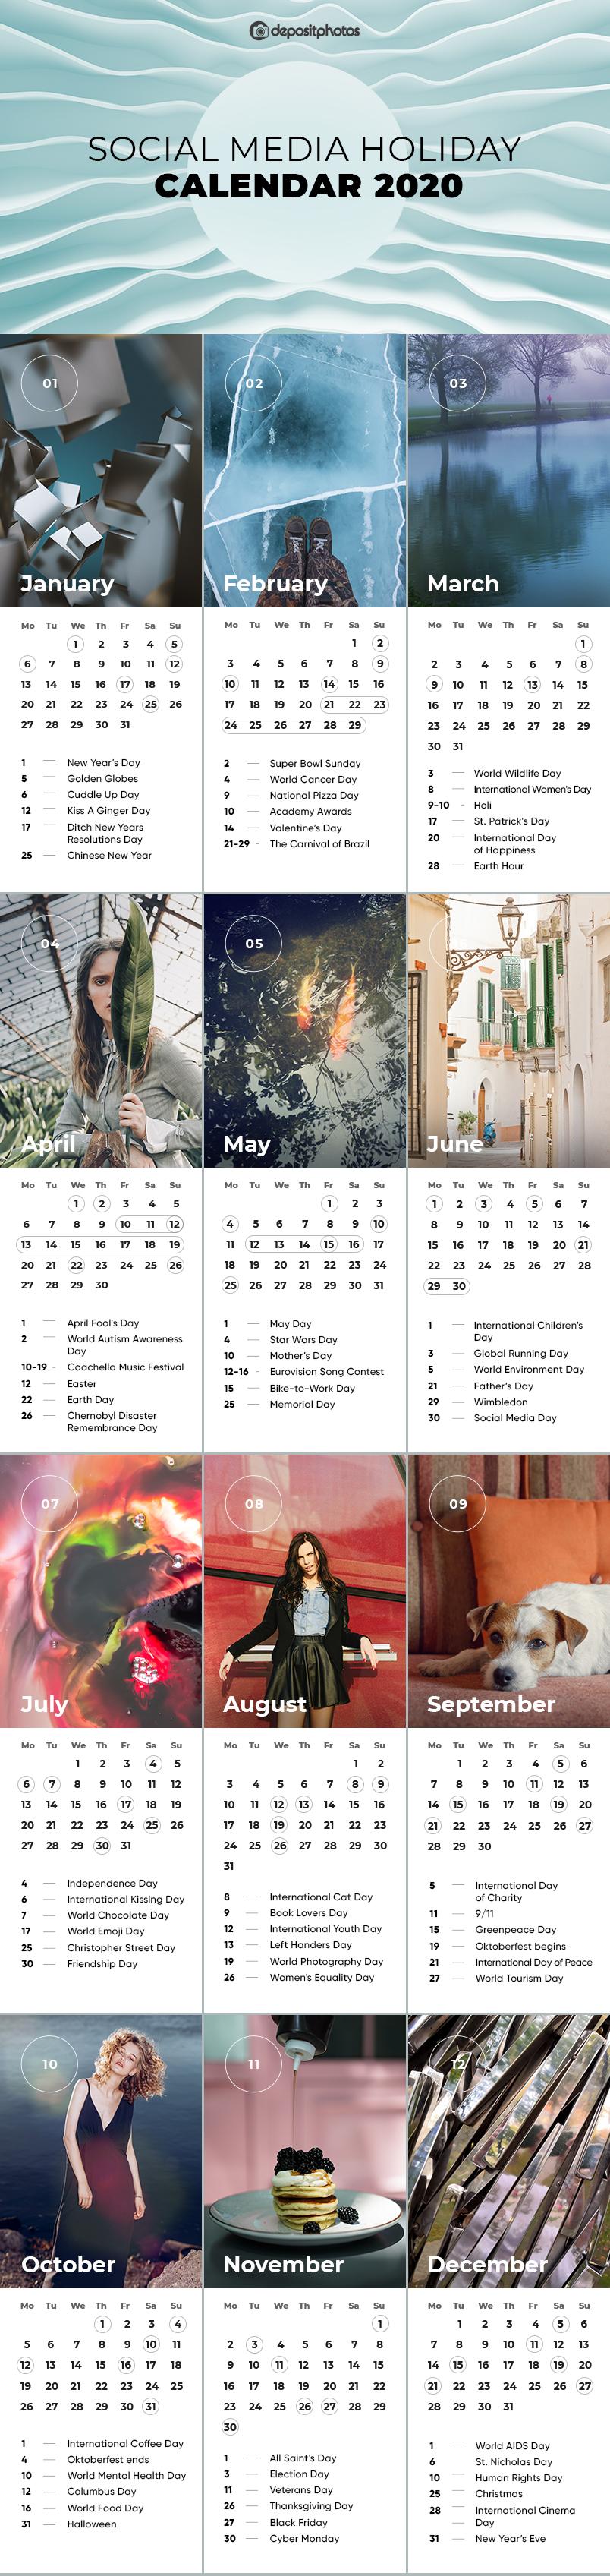 Social Media Holiday Calendar for 2020: Embracing JOMO